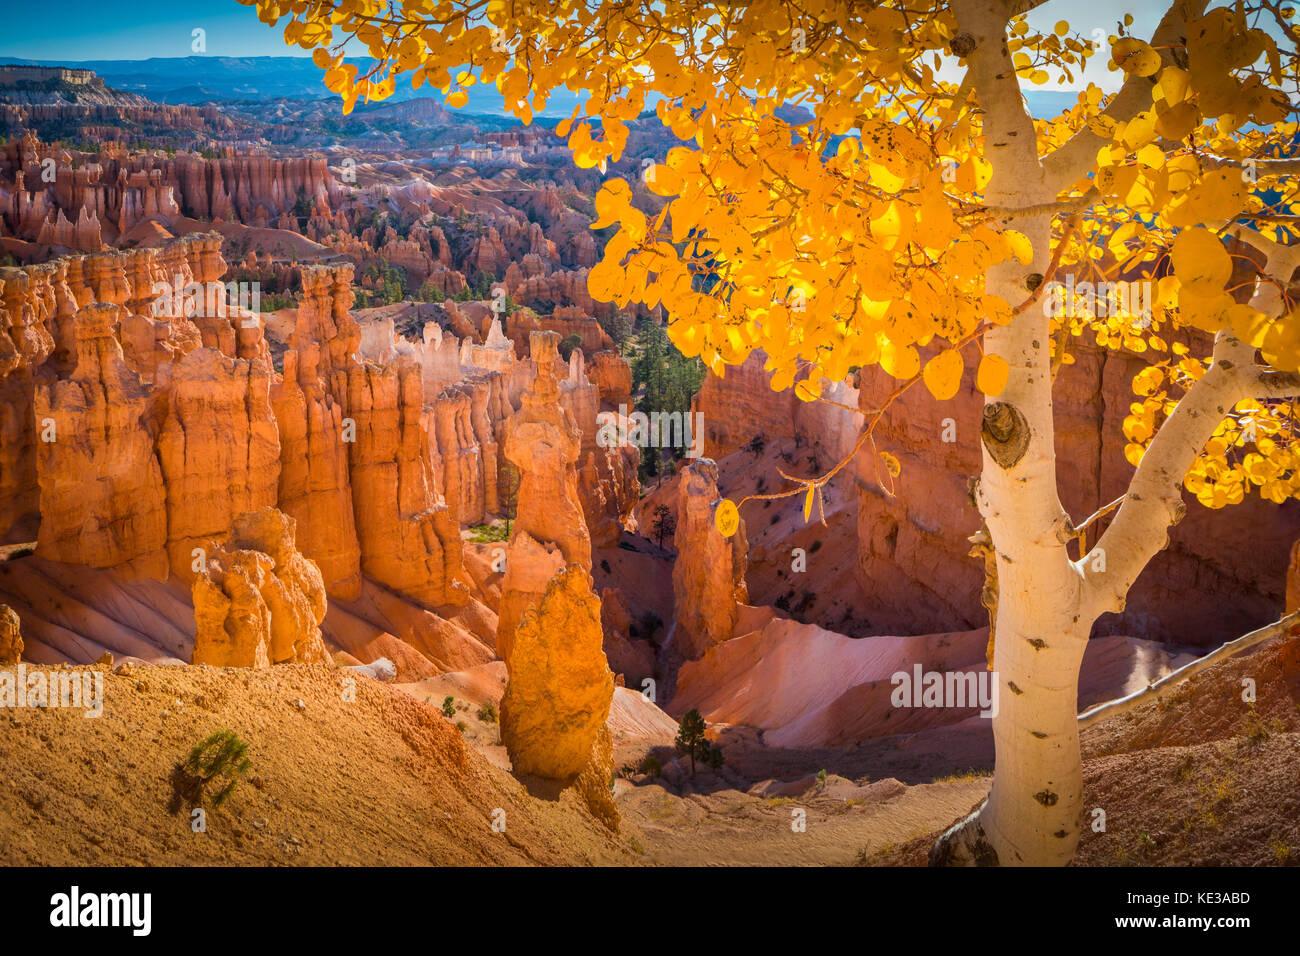 Bryce Canyon National Park, eine weitläufige finden im südlichen Utah, ist für Crimson bekannt - Stockbild